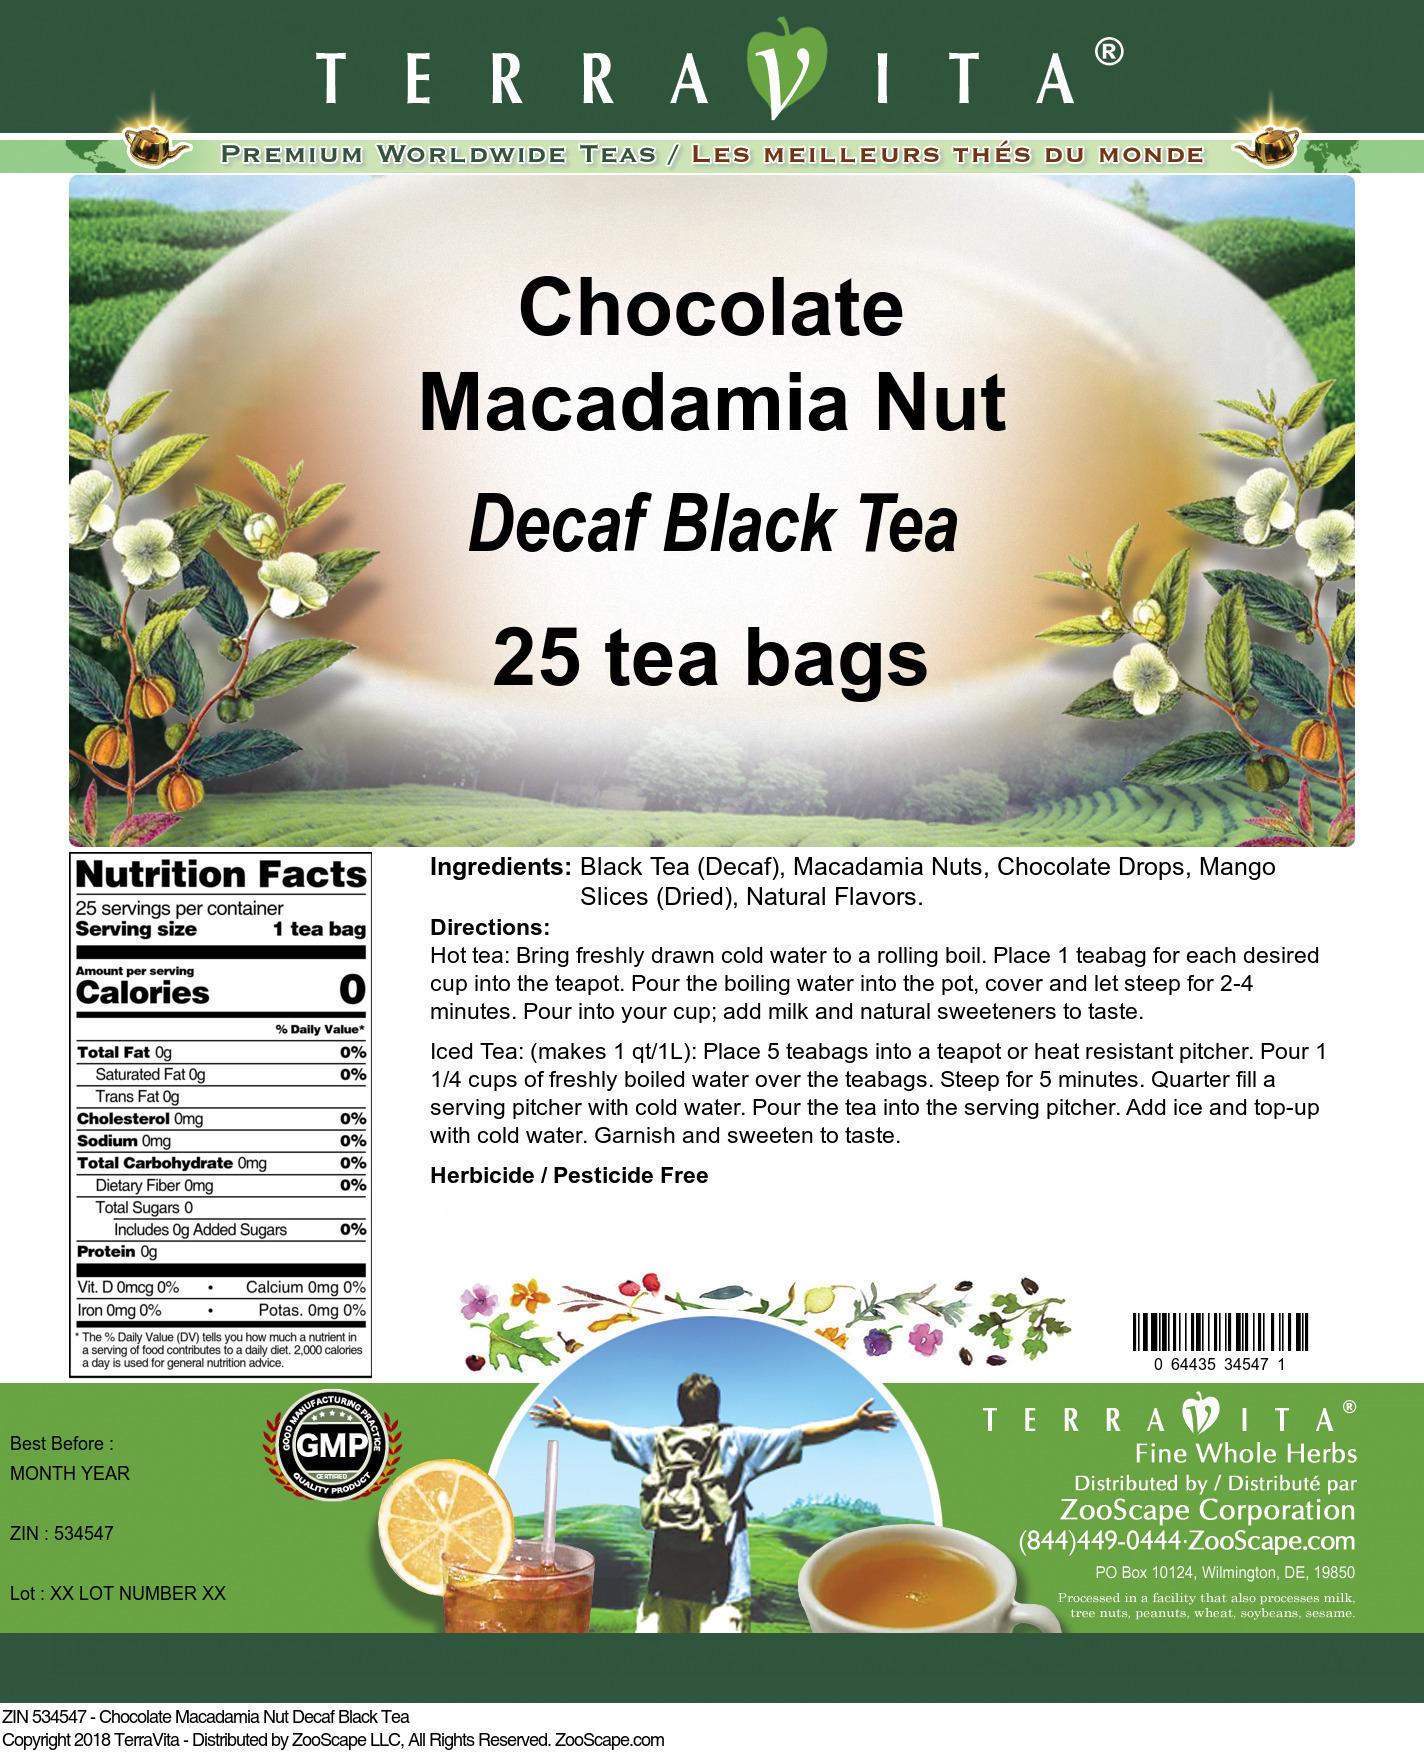 Chocolate Macadamia Nut Decaf Black Tea